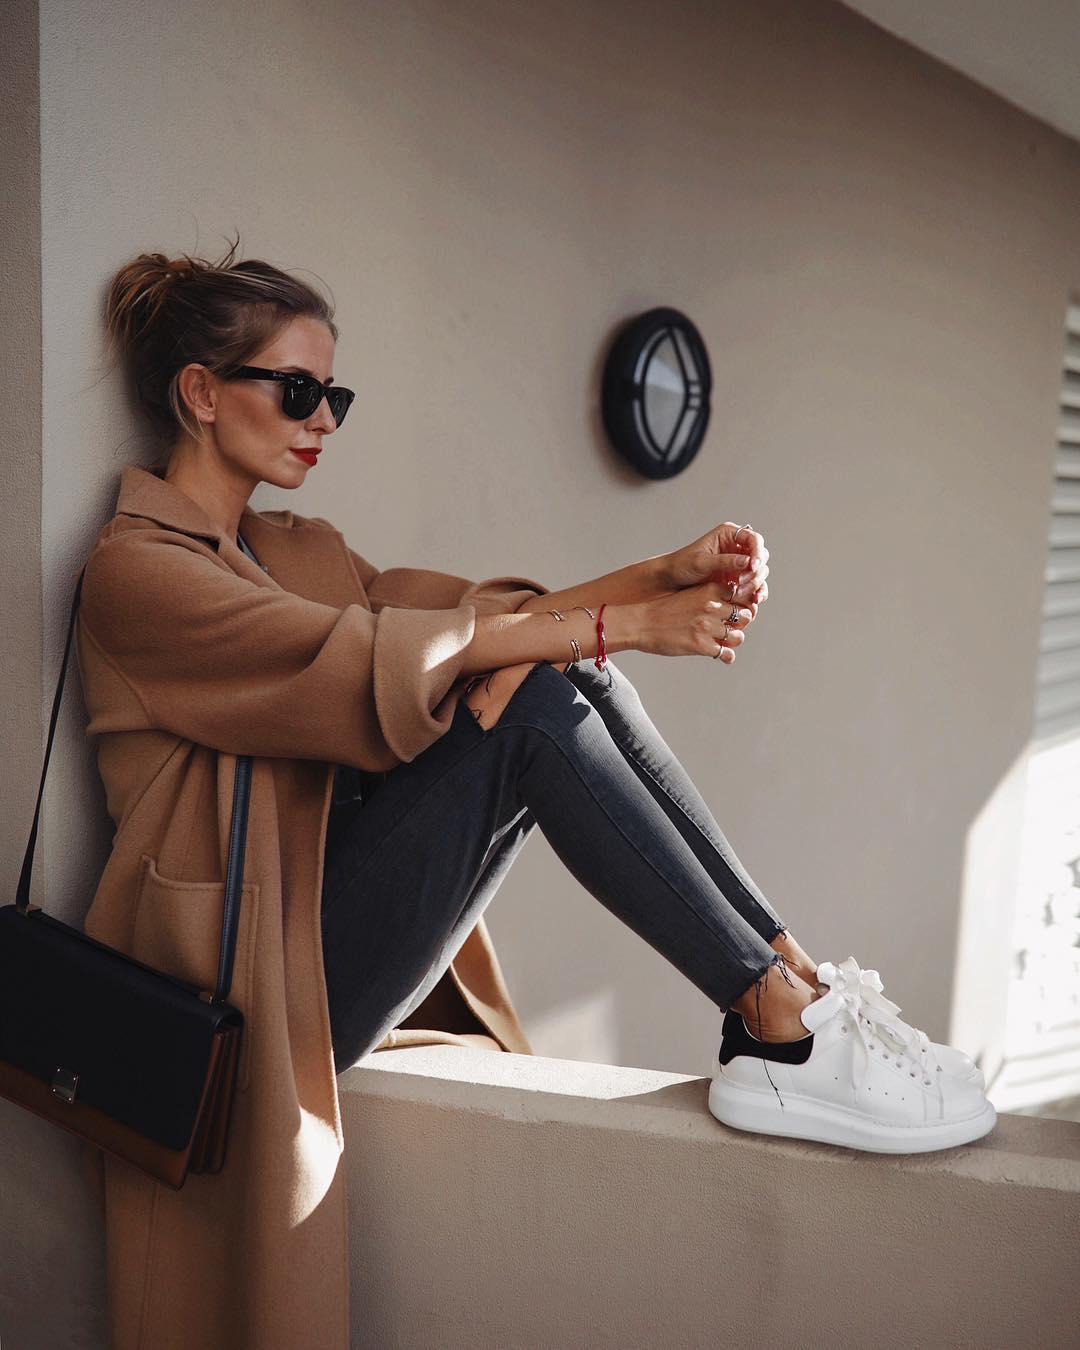 джинсы с кроссовками фото 8